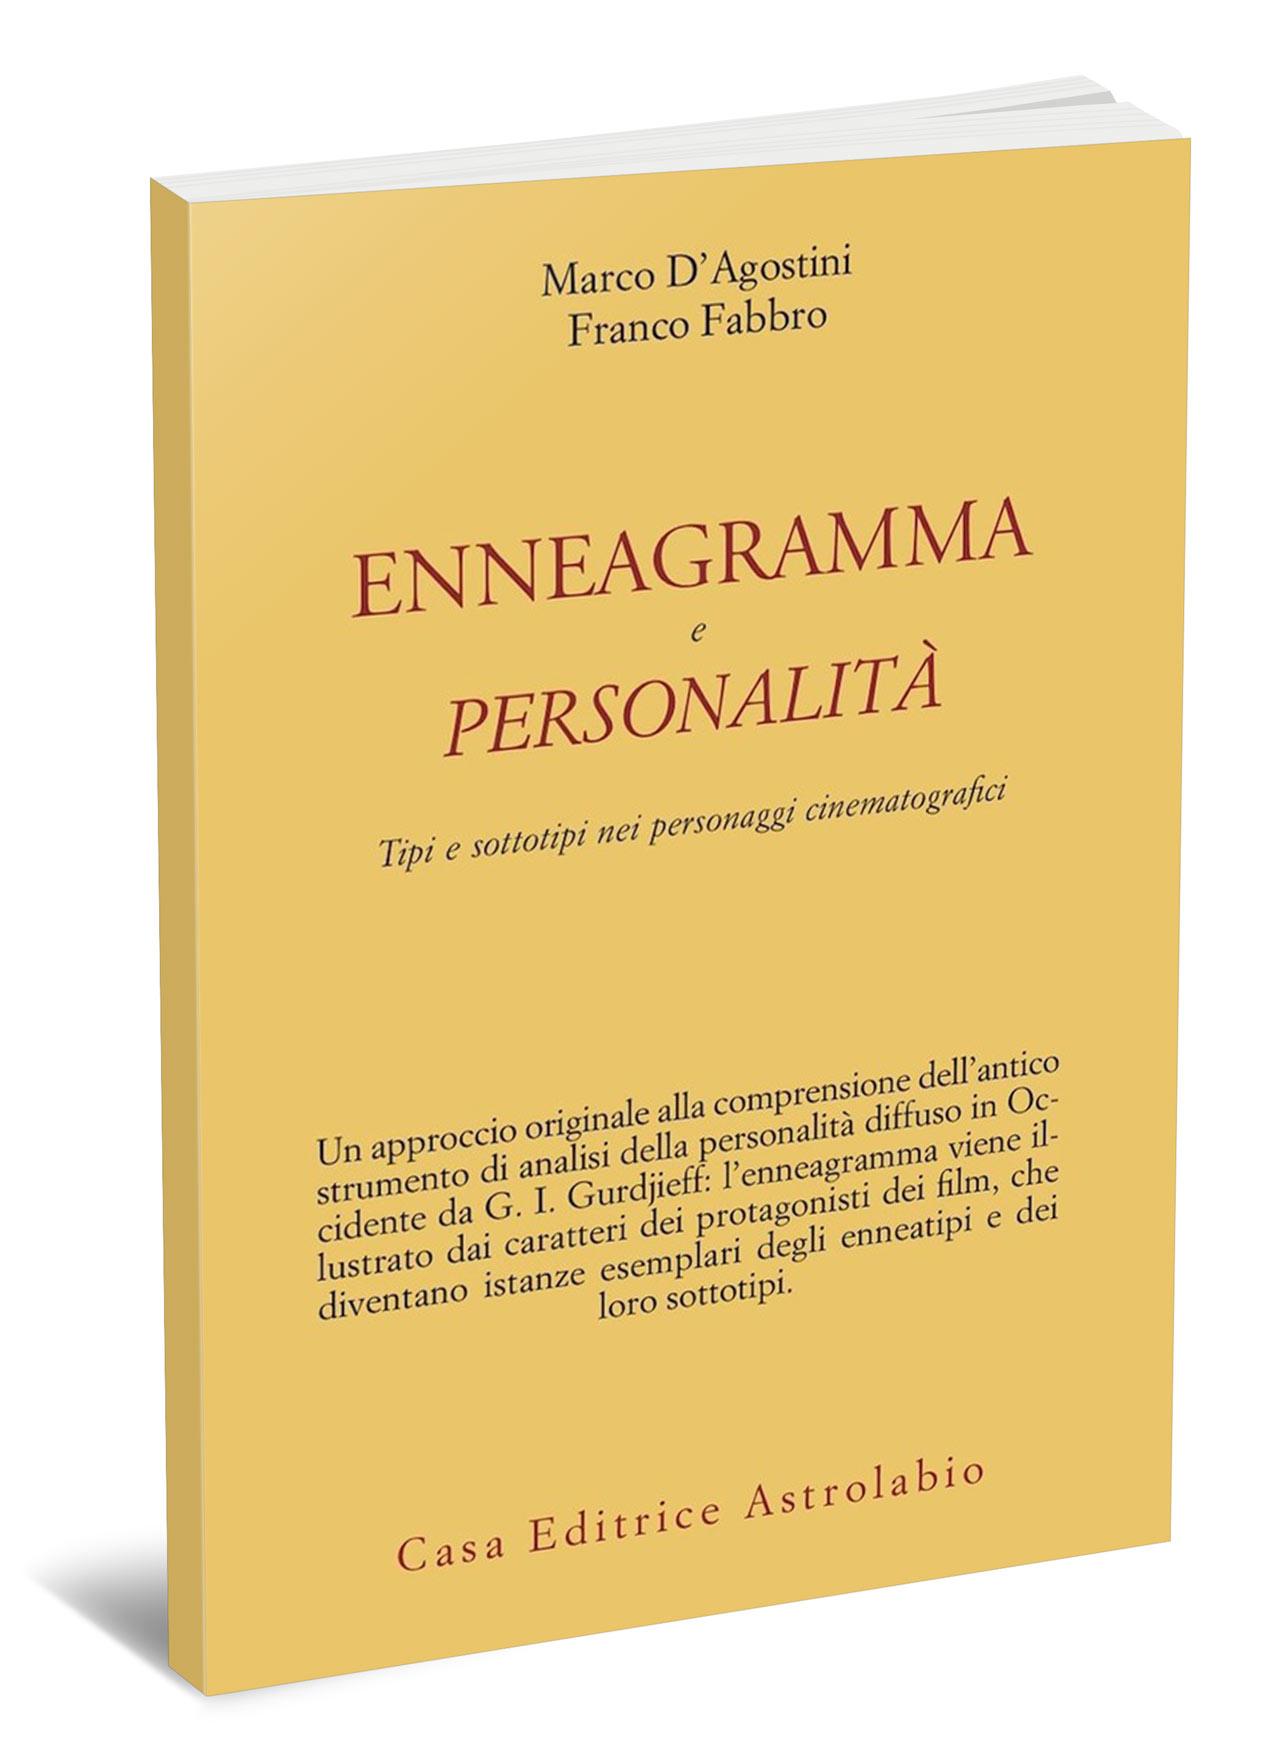 Enneagramma e personalità